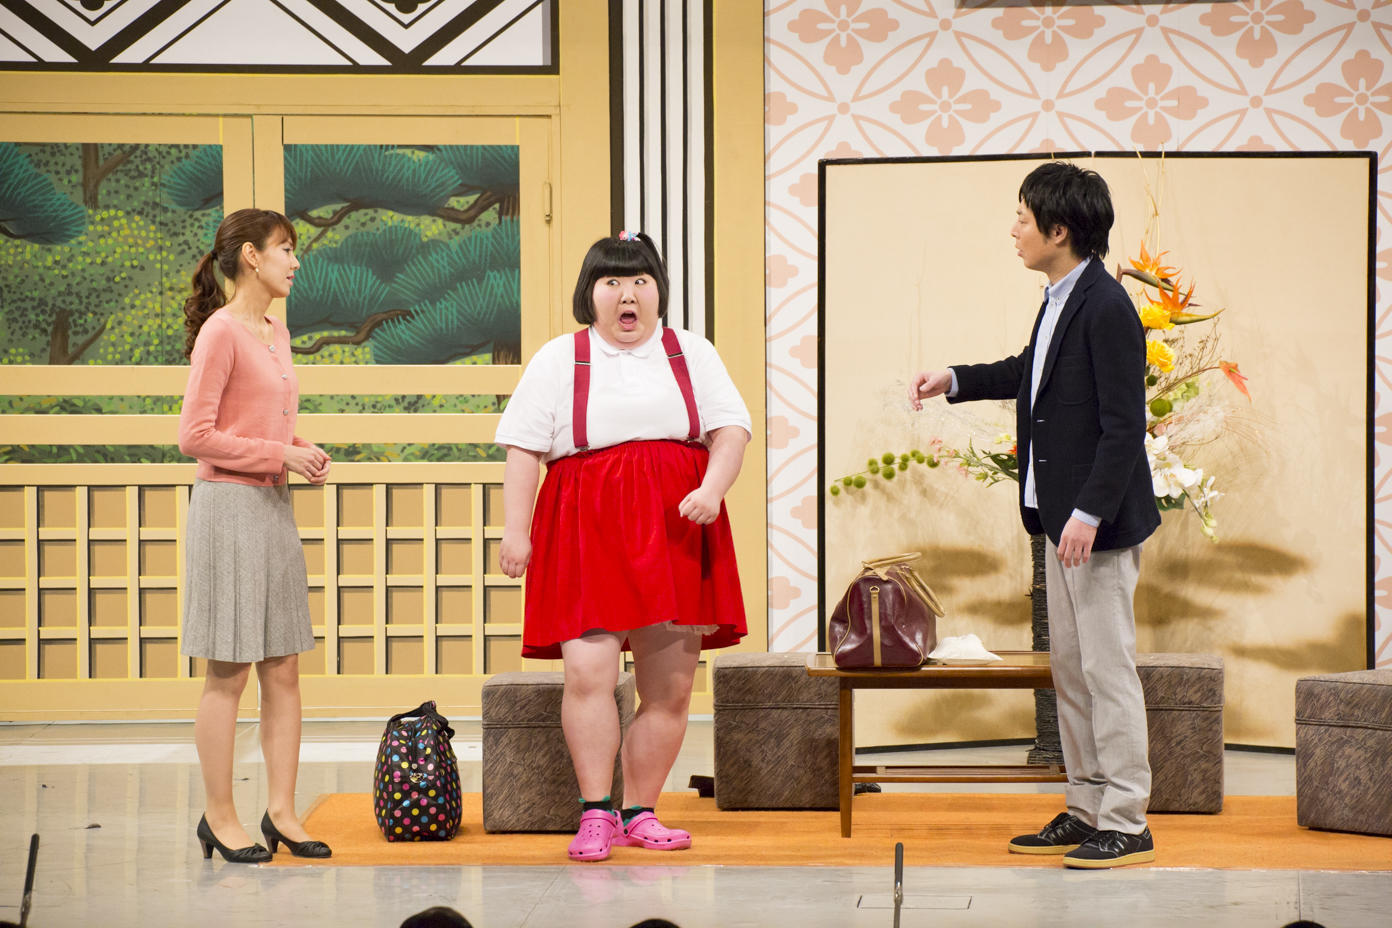 http://news.yoshimoto.co.jp/20161223232300-b27798a91a60ce9aee44326af164c8af7ab07935.jpg